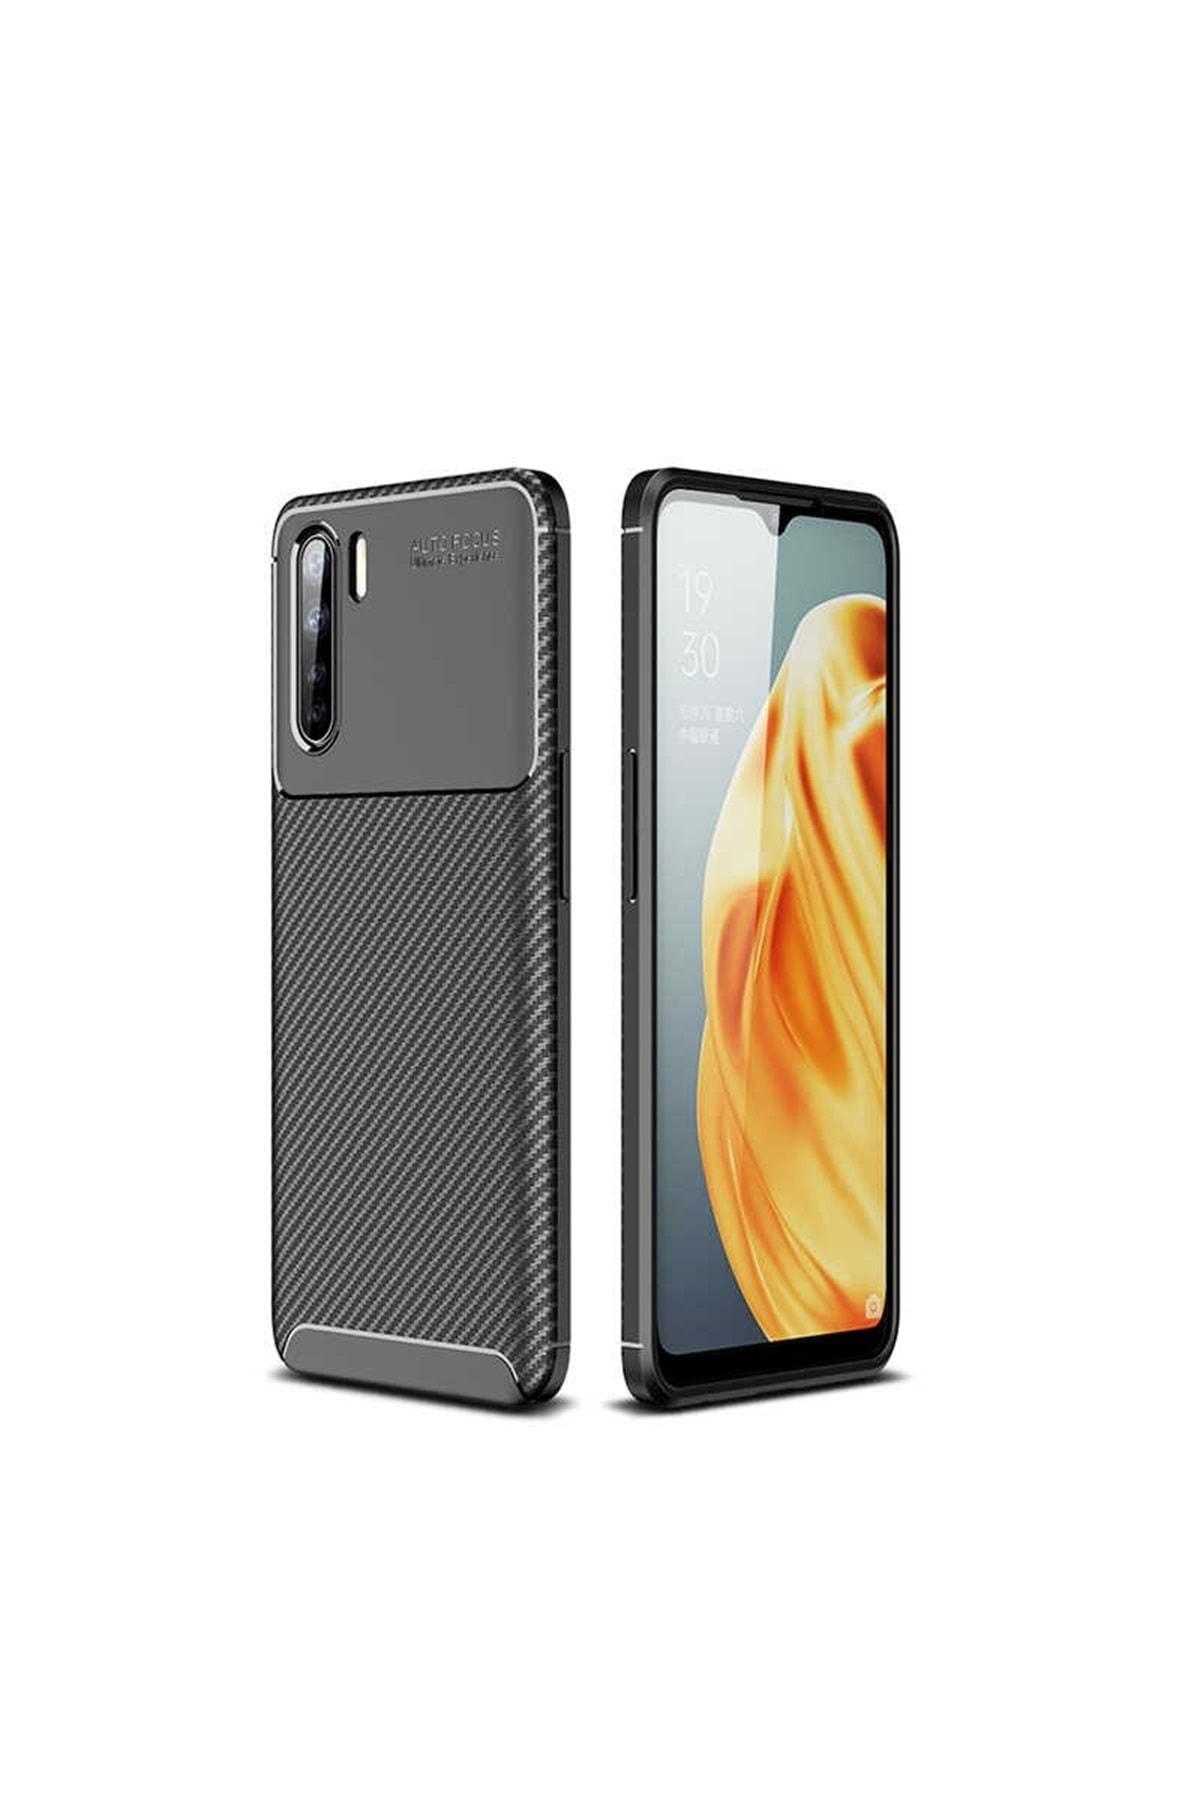 Oppo A91 Kılıf Karbon Tasarım Parmak Izi Yapmaz Dayanıklı Silikon 1